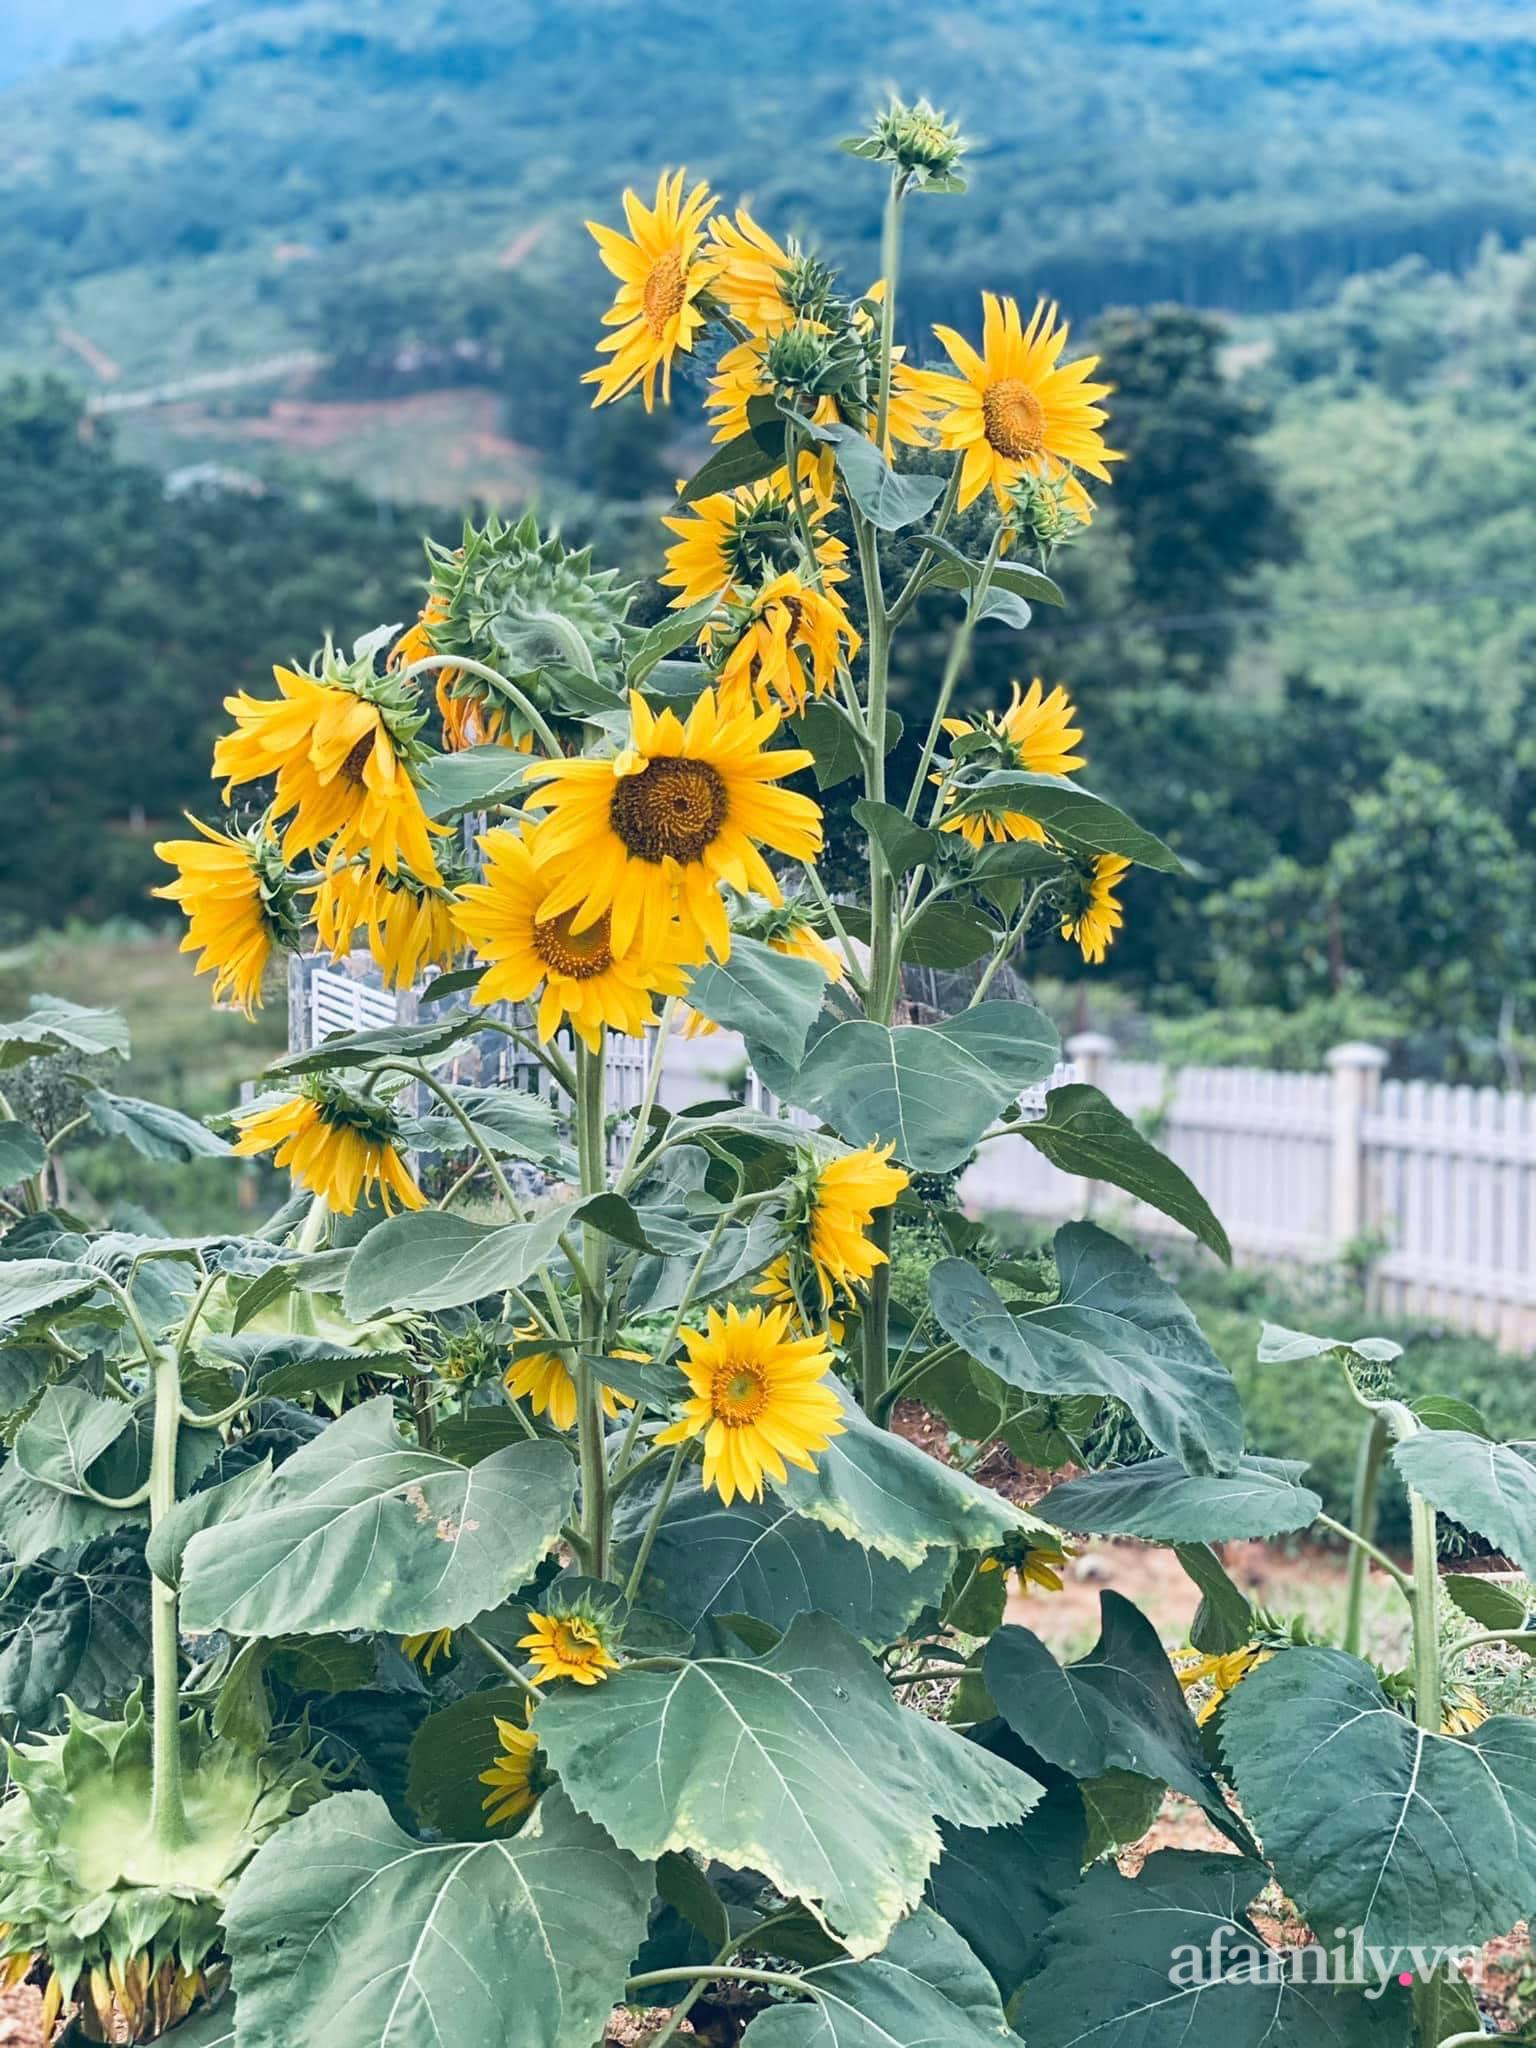 Căn nhà vườn trên núi đẹp an yên, tĩnh lặng với những xanh tươi đẹp đẽ ở ngoại thành Hà Nội - Ảnh 11.